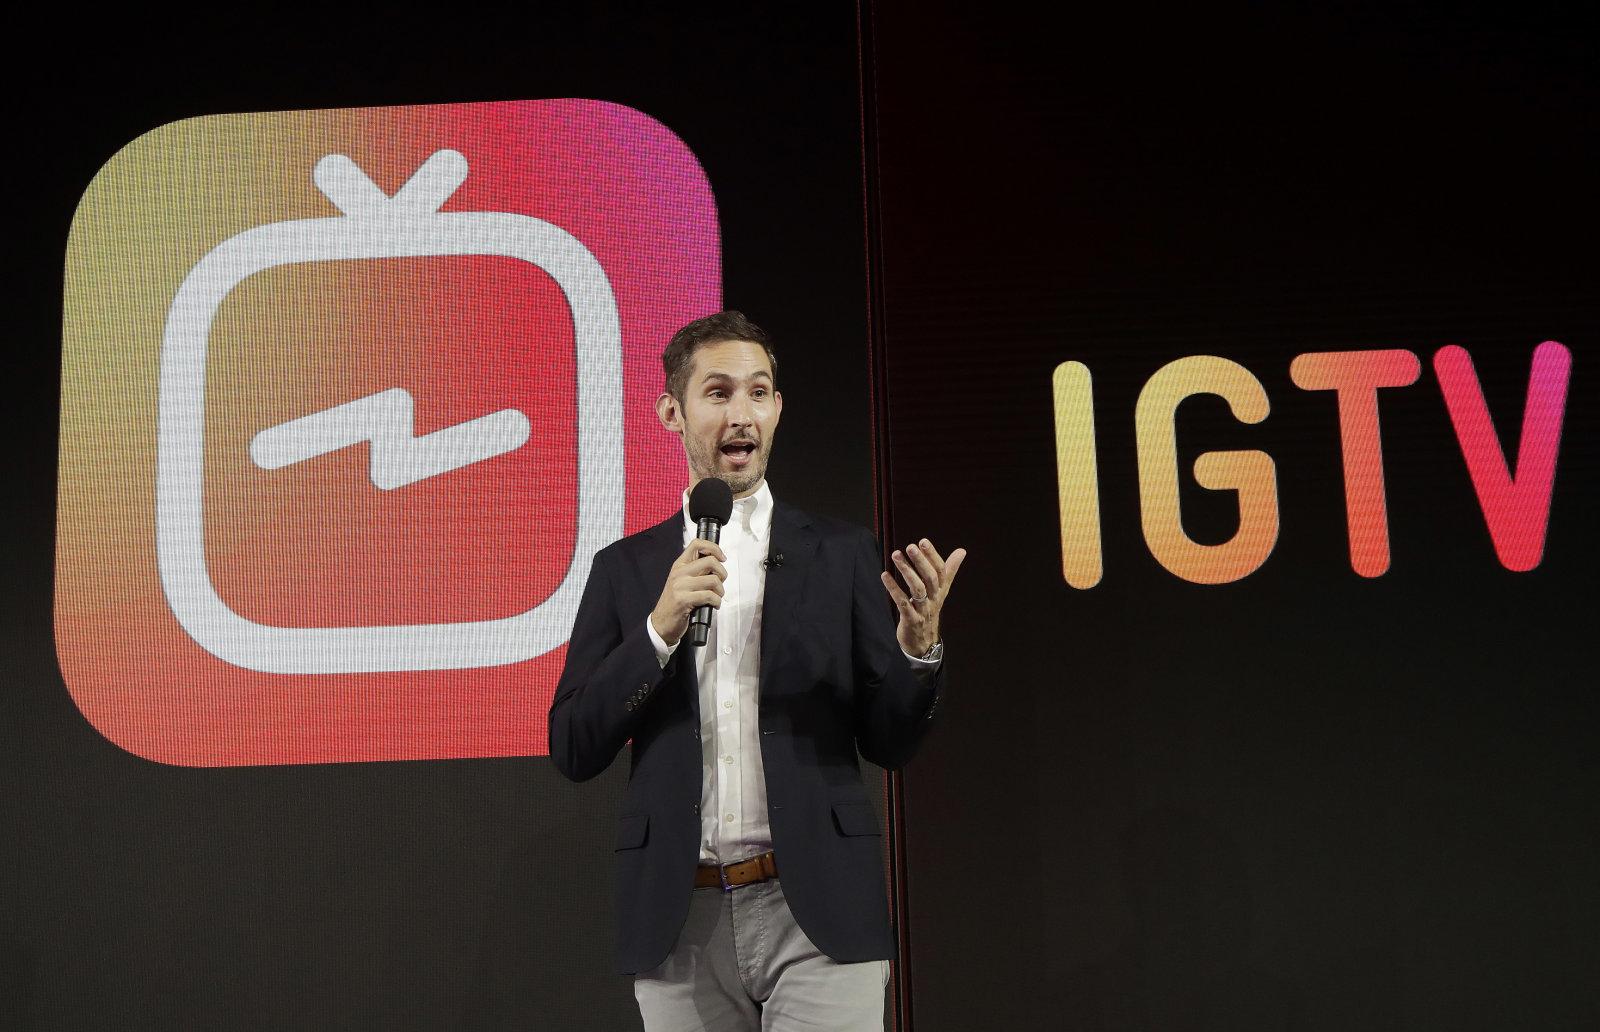 تصمیم جدید اینستاگرام برای دکمه IGTV چیست؟